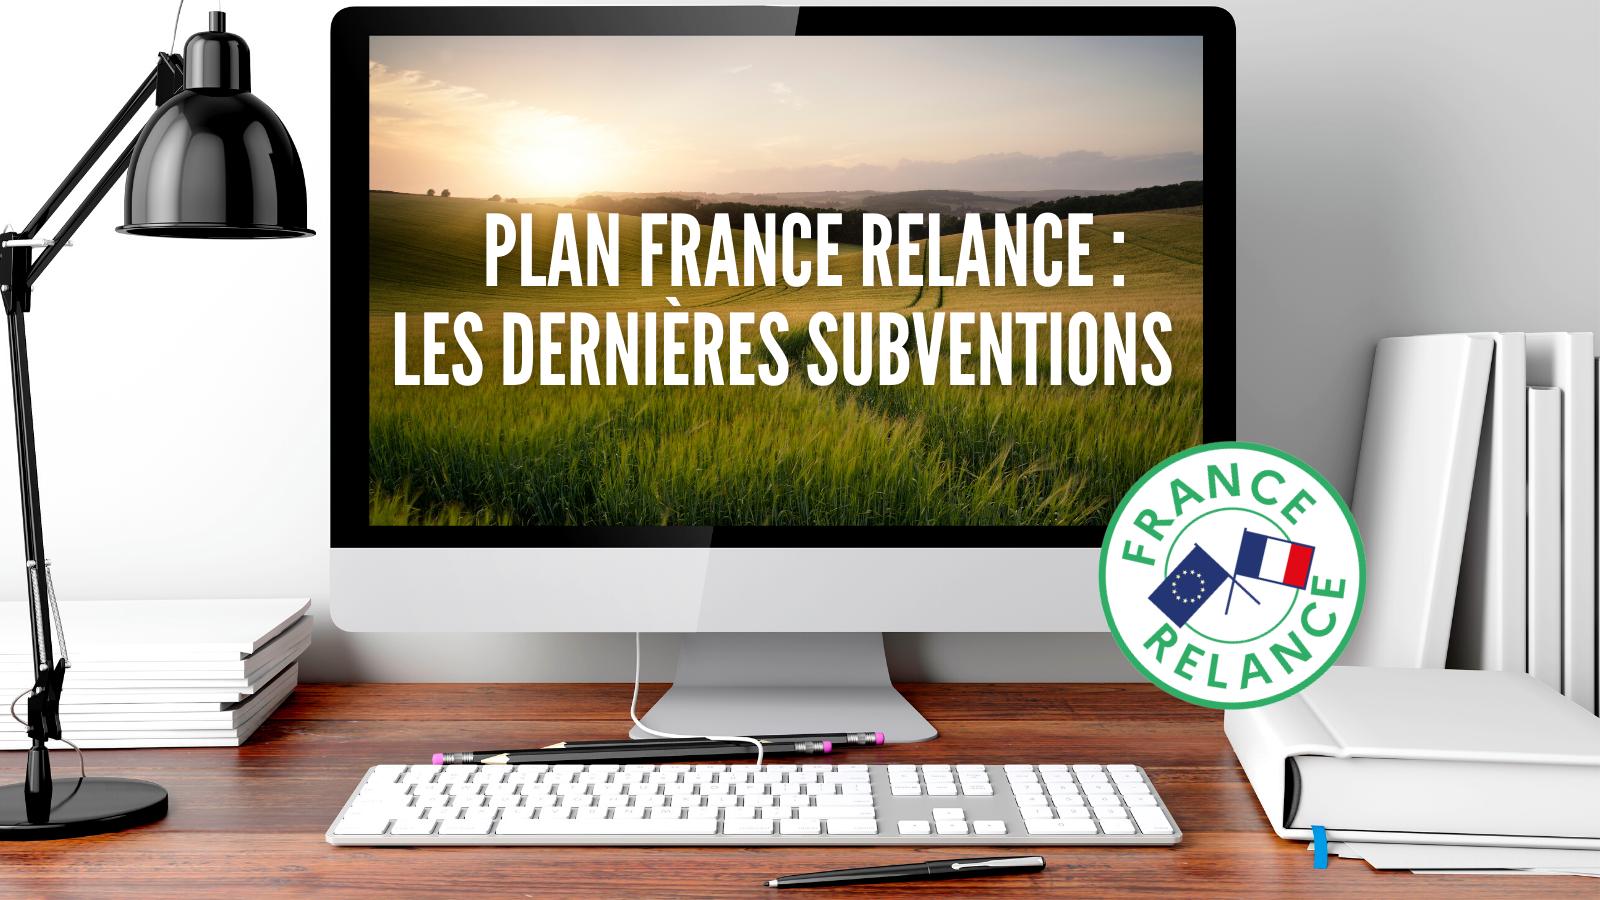 Plan France Relance : Profitez des dernières subventions